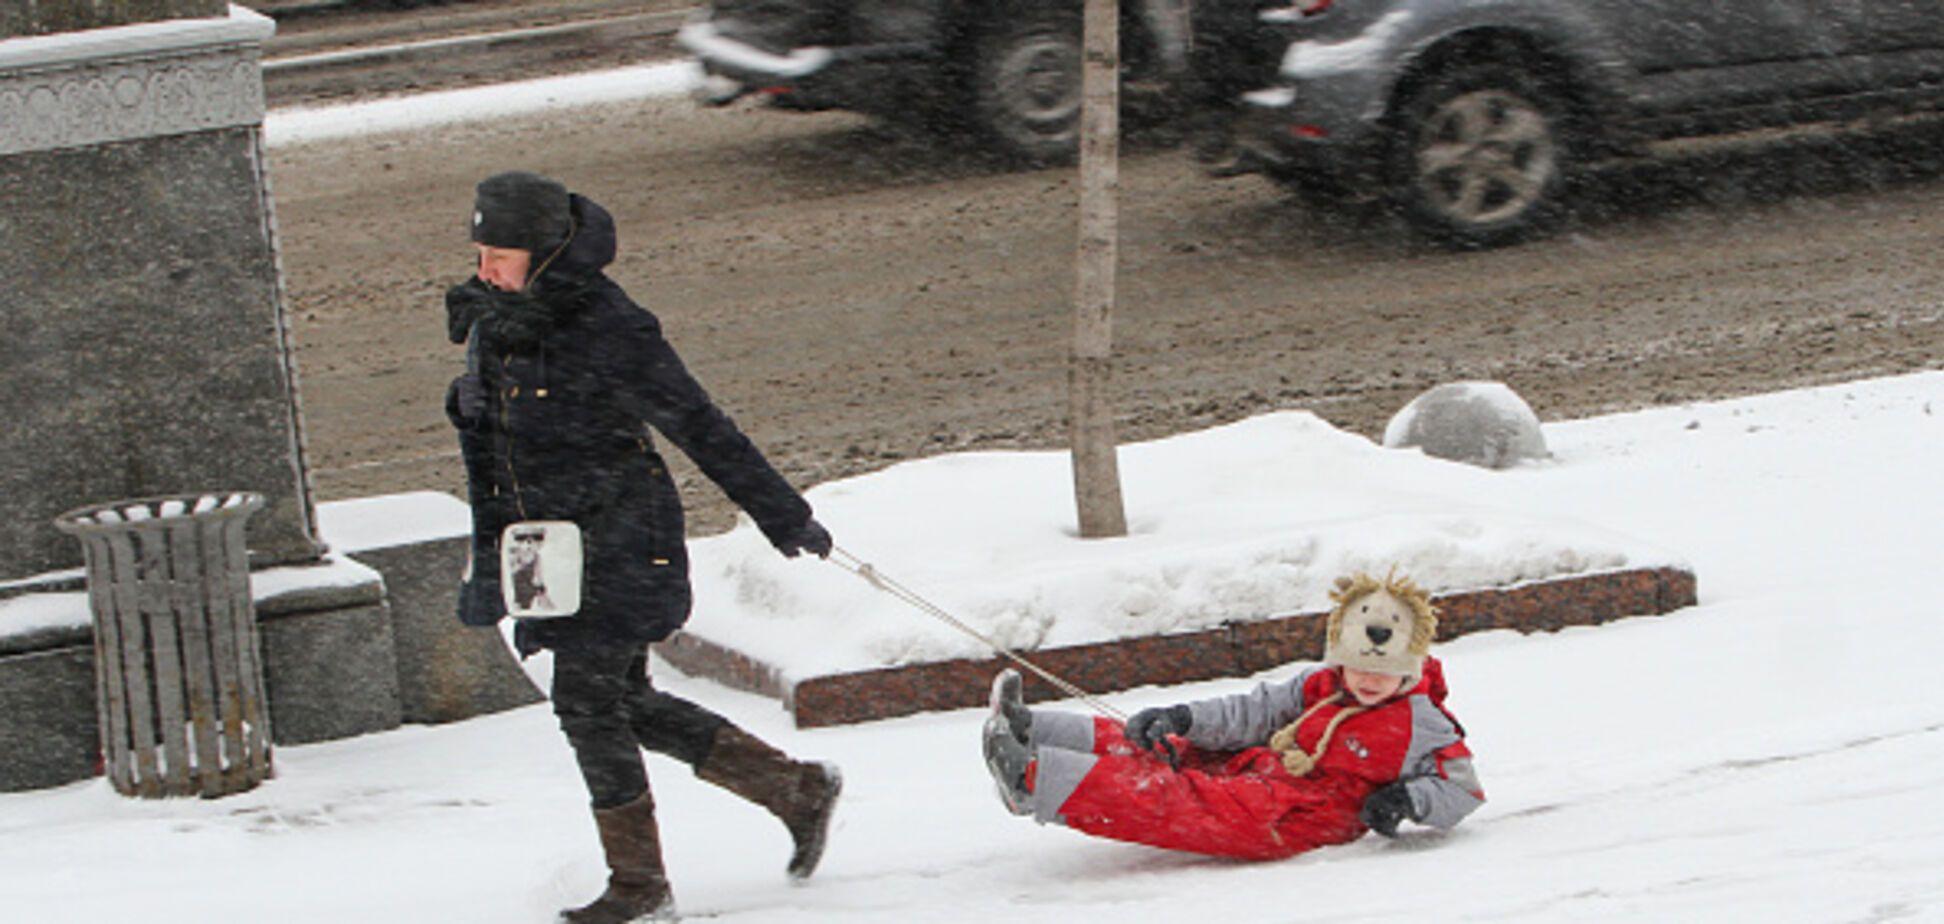 Надвигается буря: украинцев предупредили об опасной погоде